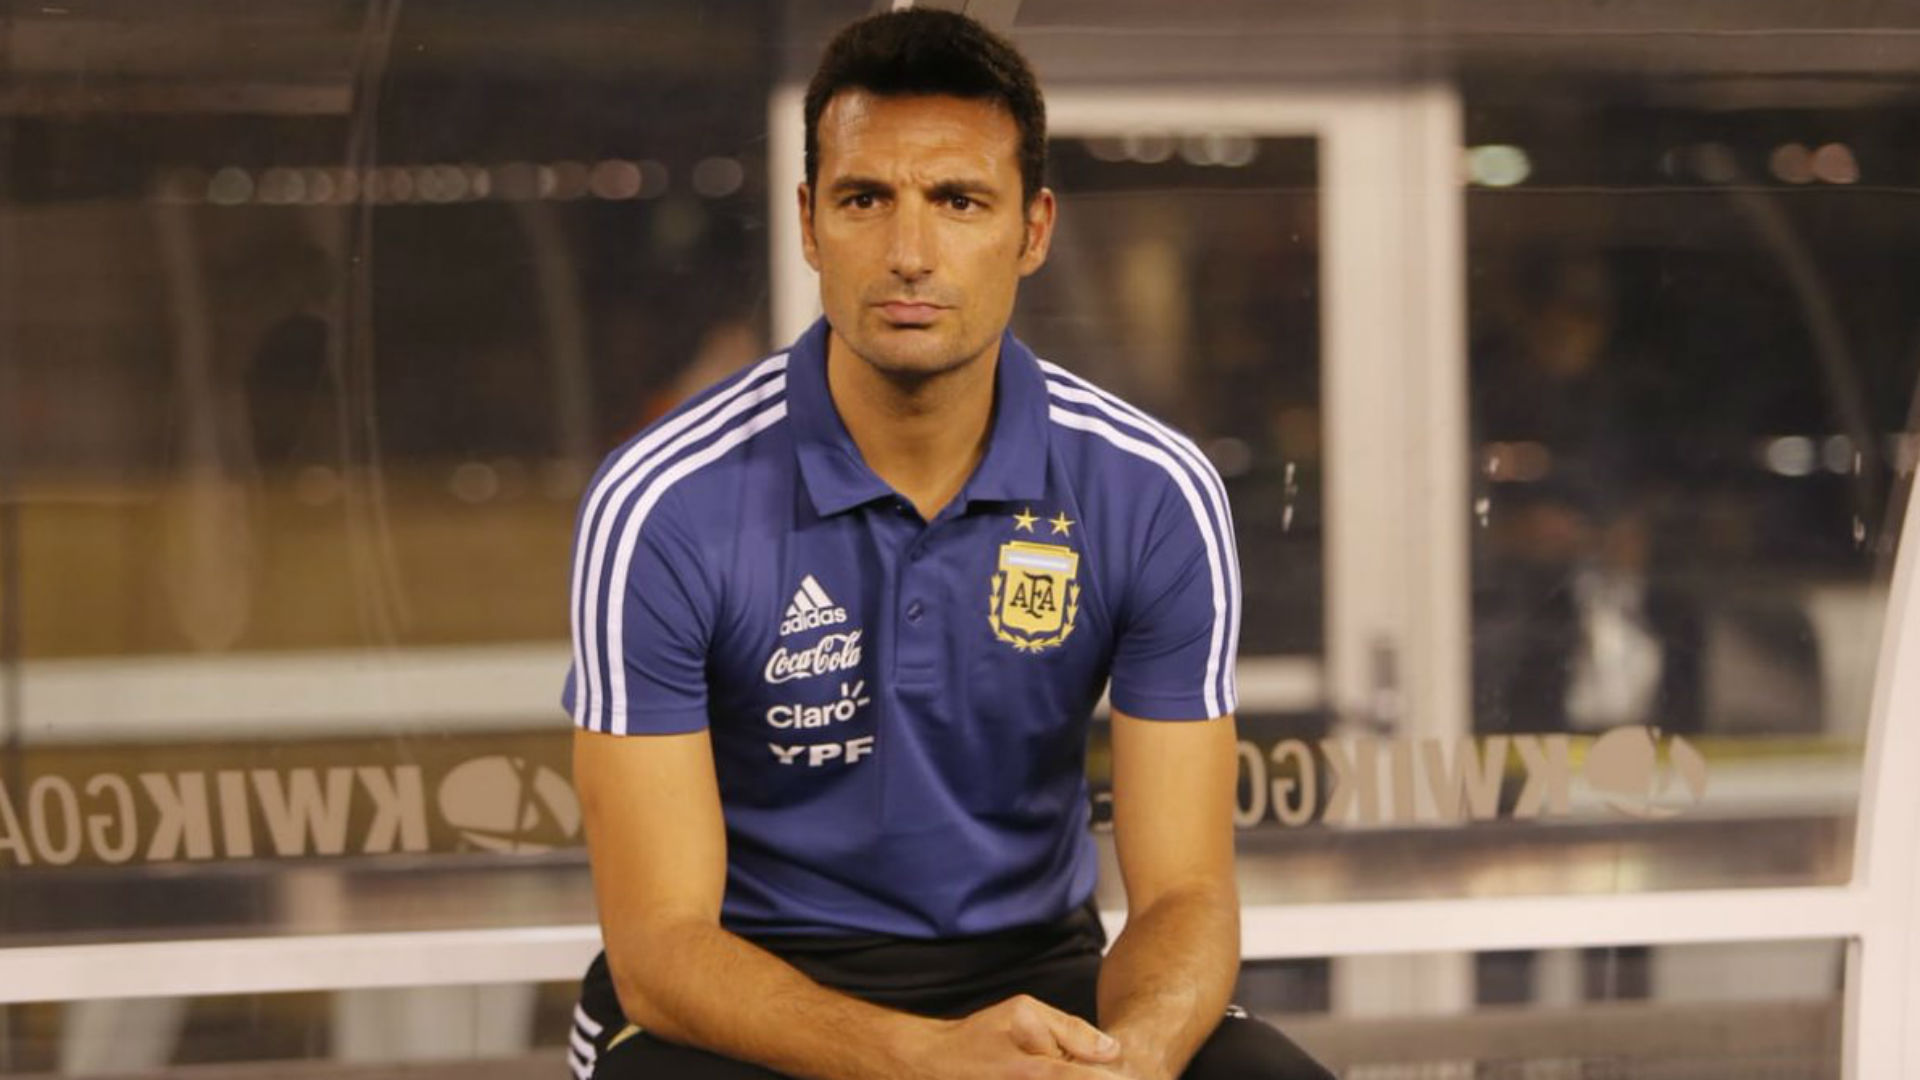 Argentina - Irak, amistoso internacional: fecha, estadio, formación y convocados | Goal.com